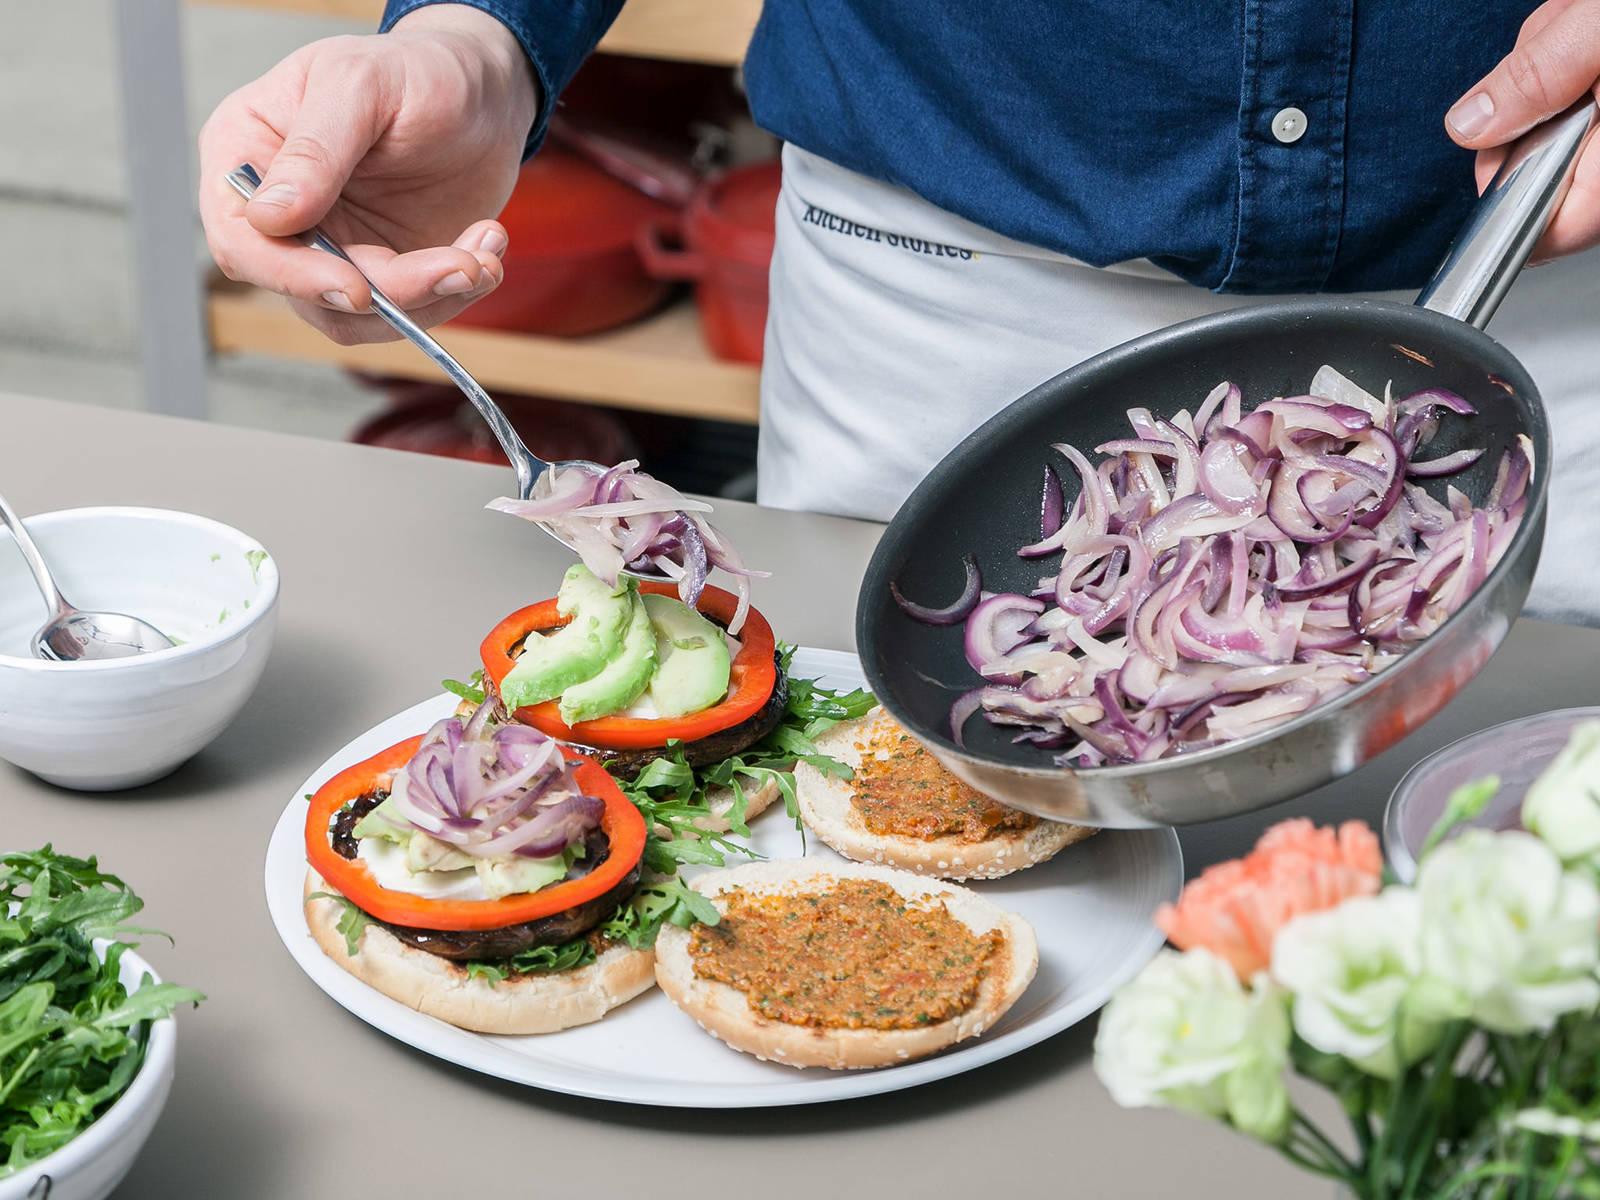 将酱料抹在两片汉堡面包夹放食材的一面。在一个面包上放芦笋、波特菇和马苏里拉奶酪、甜椒圈、牛油果片和洋葱,盖上另一个面包,尽情享用吧!